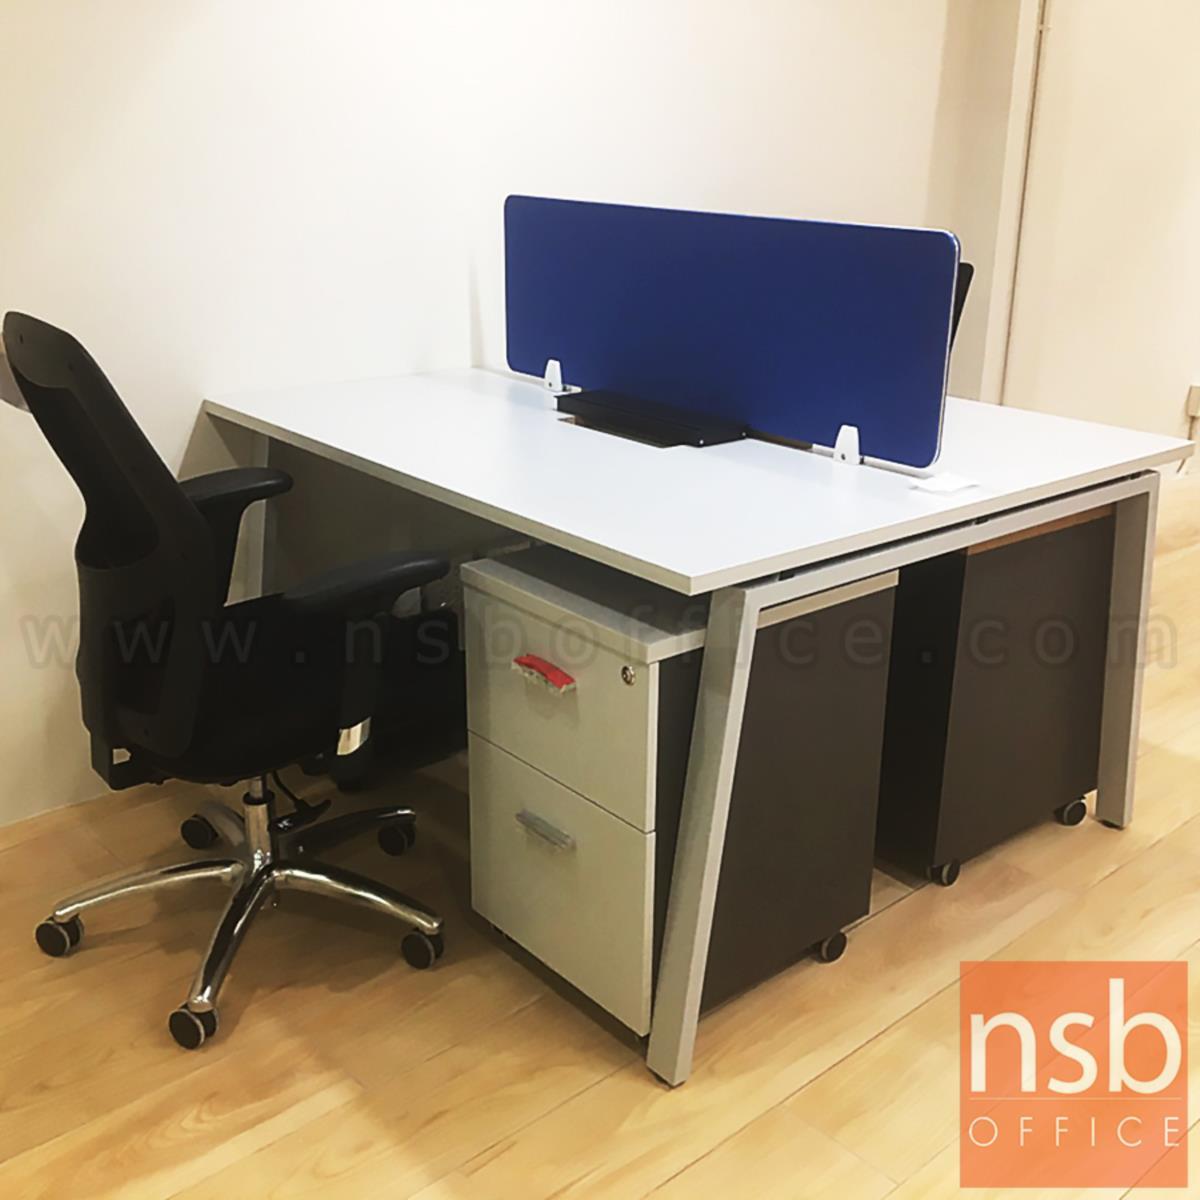 ชุดโต๊ะทำงานกลุ่ม 2 ที่นั่ง รุ่น Slash-4 (สแลช-4)  พร้อมลิ้นชัก และรางไฟ รหัส A24A034-1 ขาเหล็ก